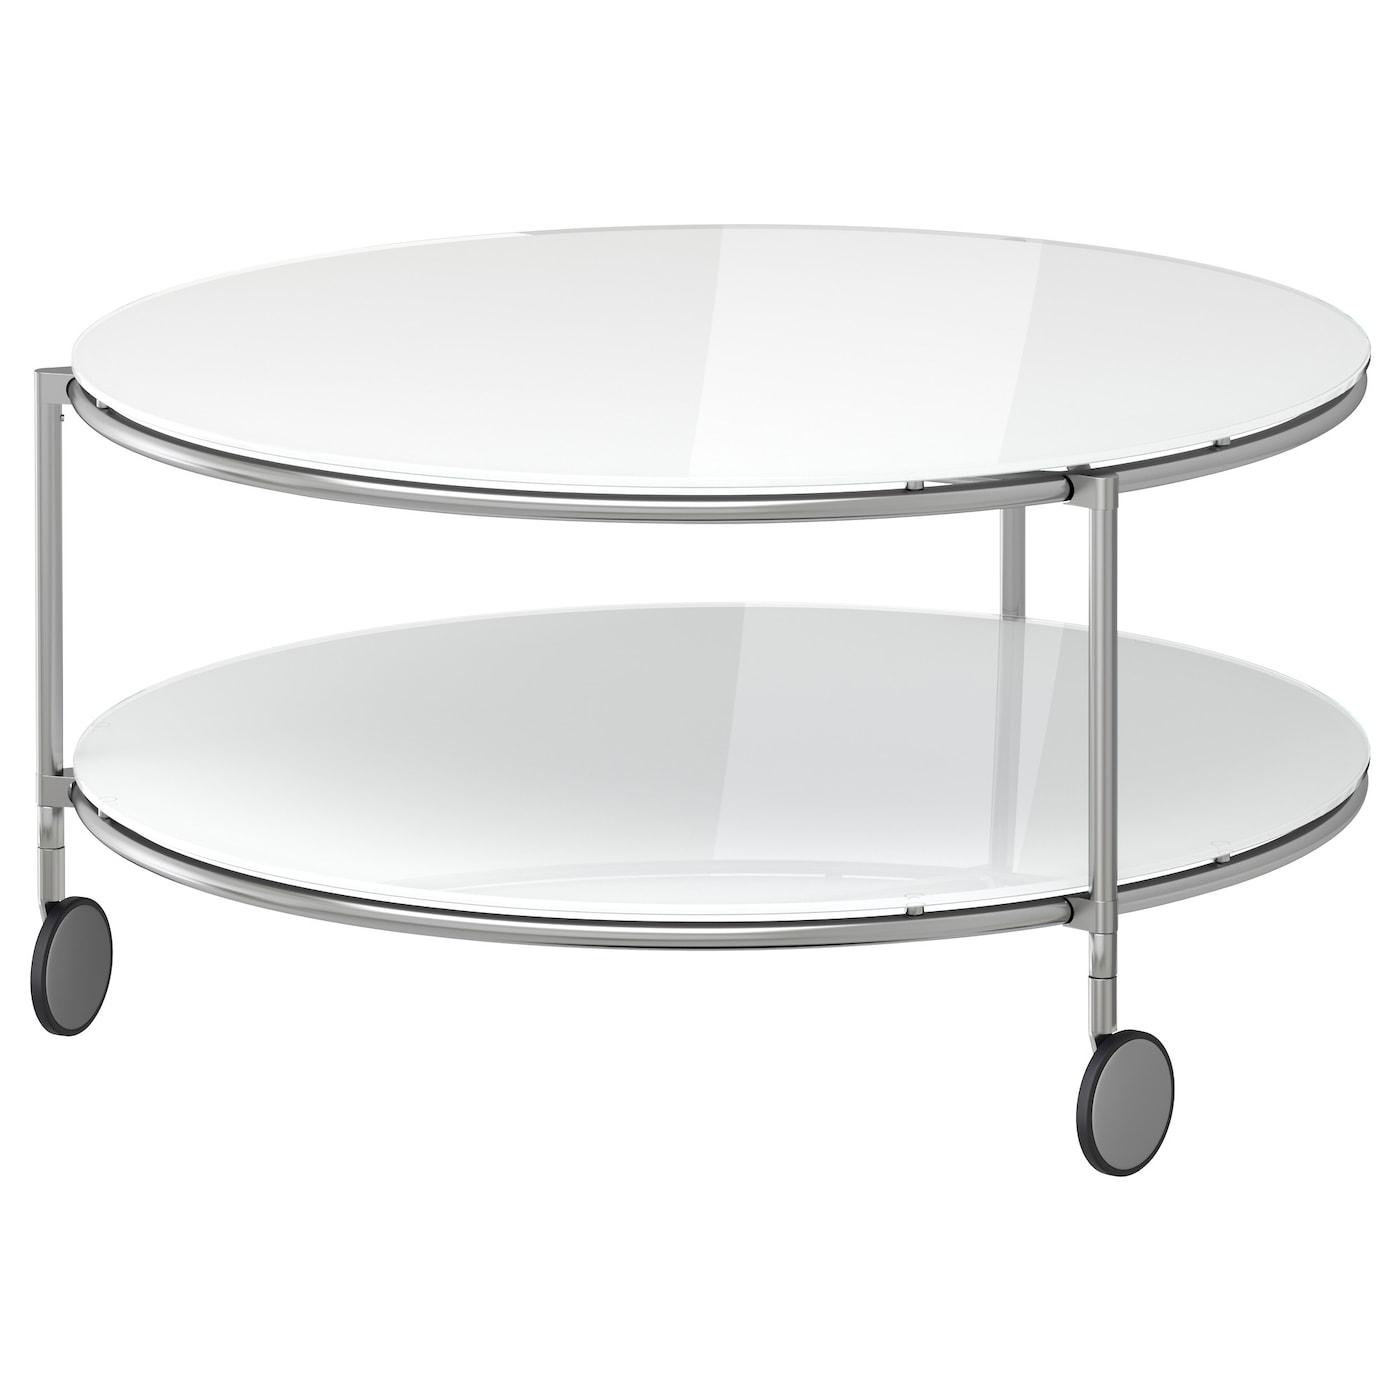 Couchtisch ikea glas  Nauhuri.com | Ikea Couchtisch Glas Rollen ~ Neuesten Design ...